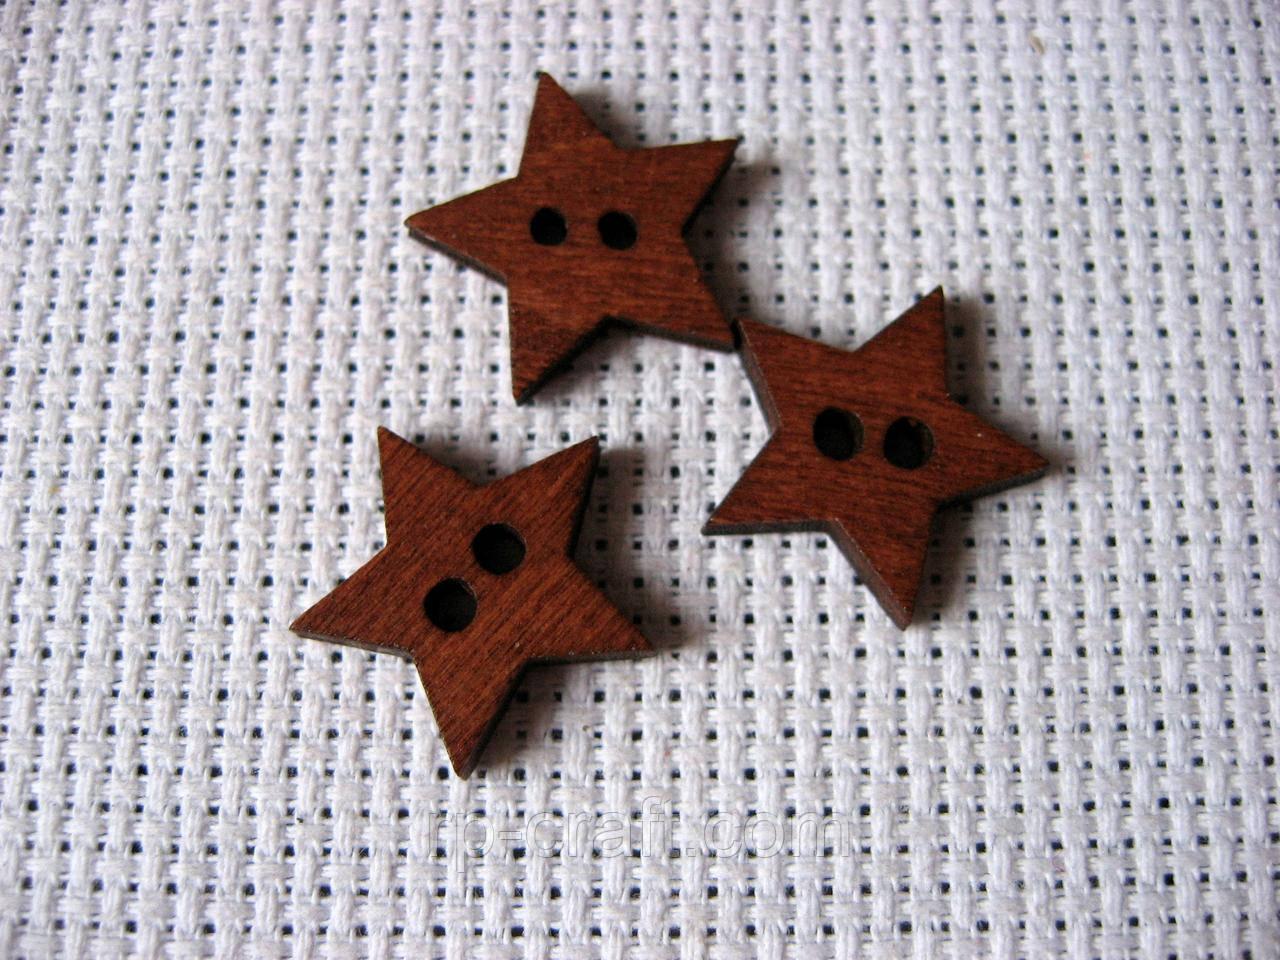 Гудзик дерев'яний, декоративний. Зірка, 17х17 мм,  коричневий